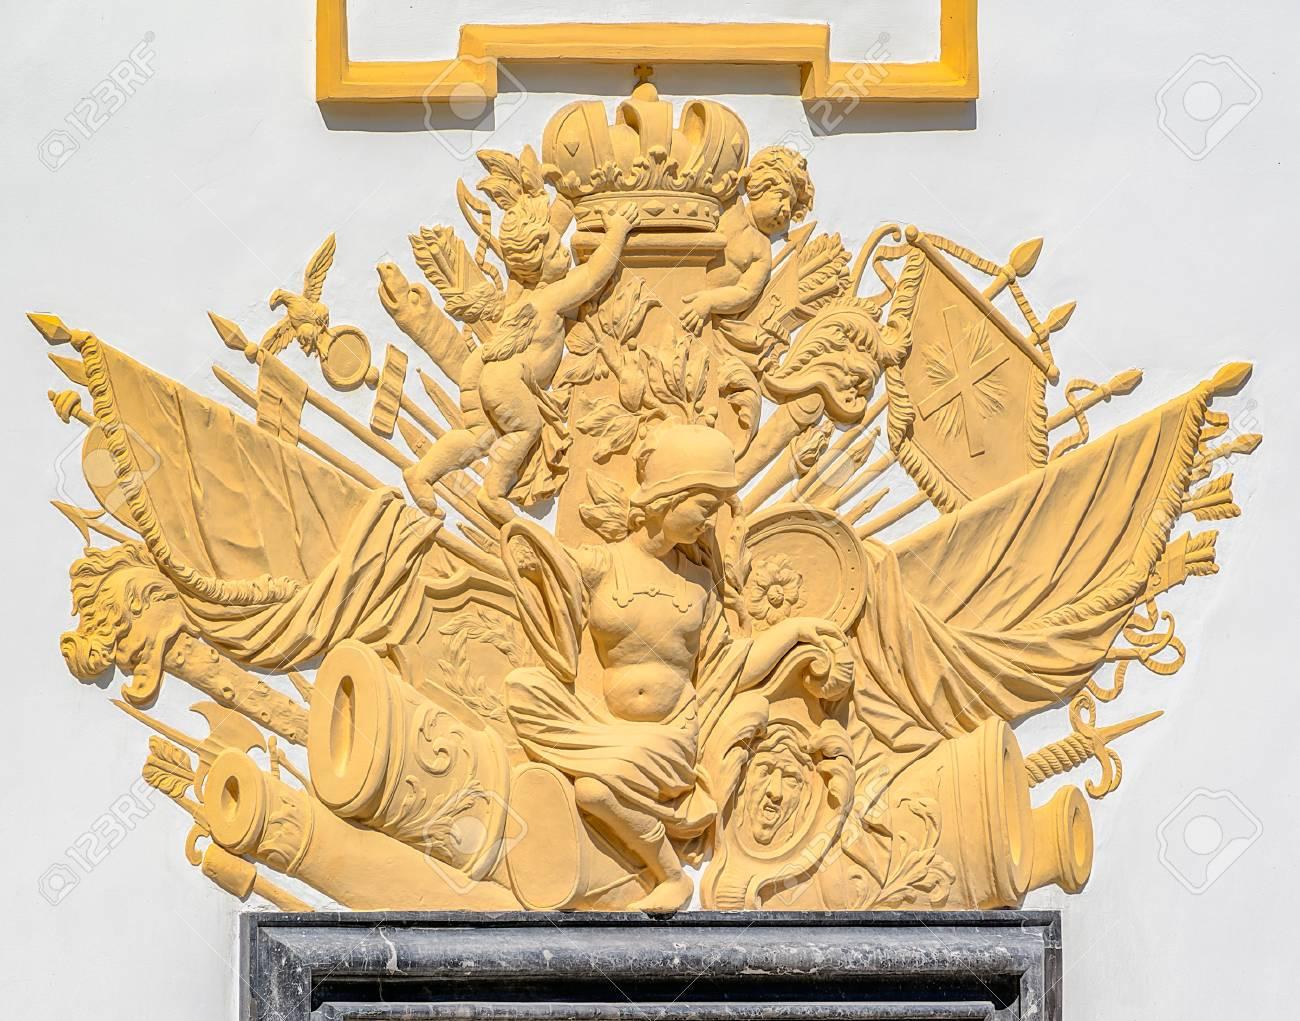 Art Et Decoration Juin 2017 st.petersburg, russie - 07 juin 2017: décoration de bas-relief de la gloire  militaire au-dessus de l'entrée du palais d'été dans le jardin d'été